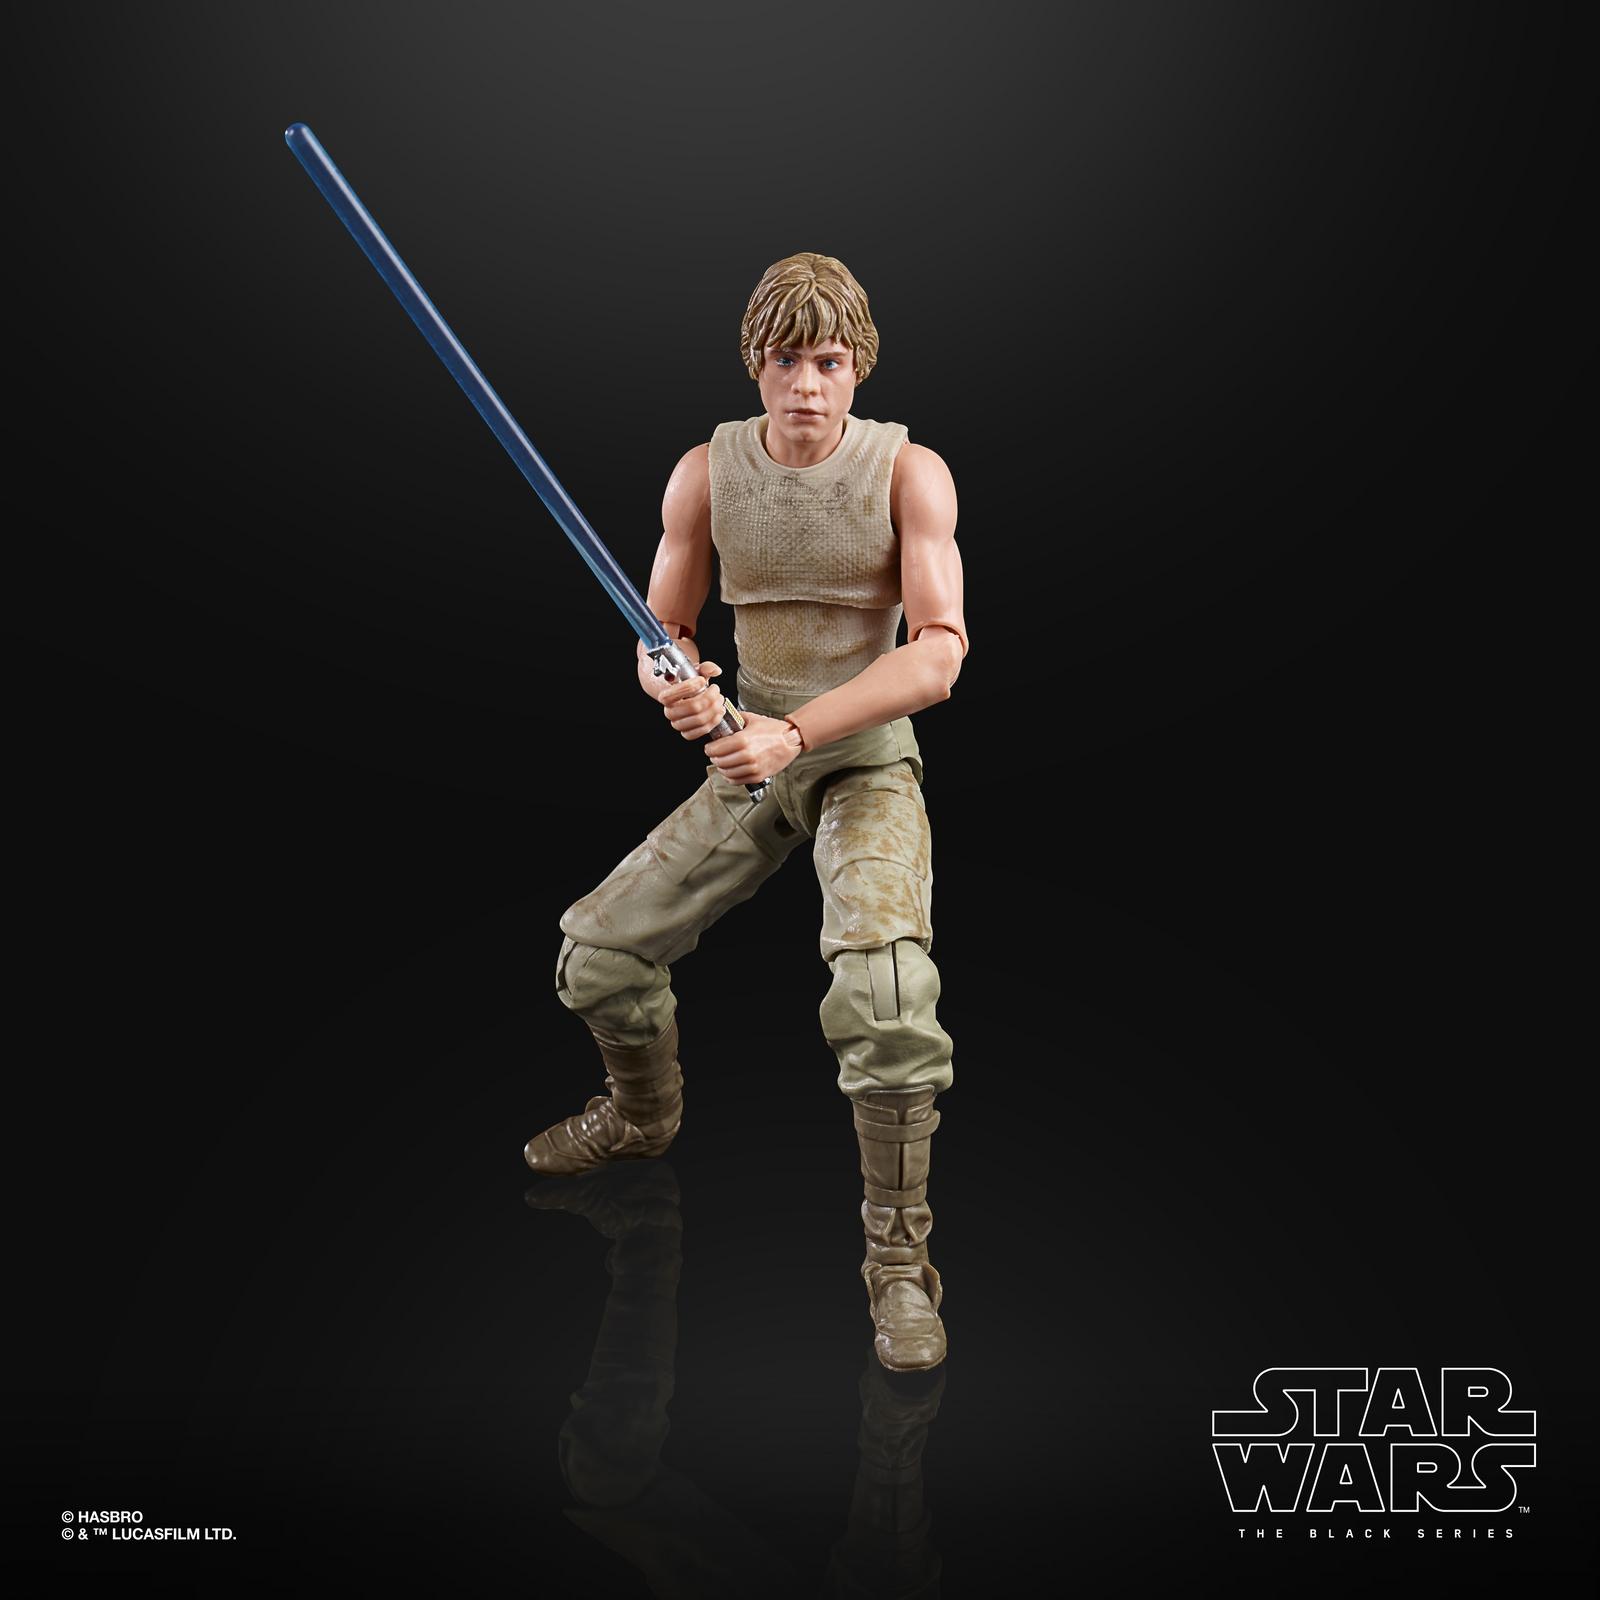 star_wars_the_black_series_40th_anniversary_6-inch_figure_assortment_luke_skywalker_dagobah_oop2.jpg